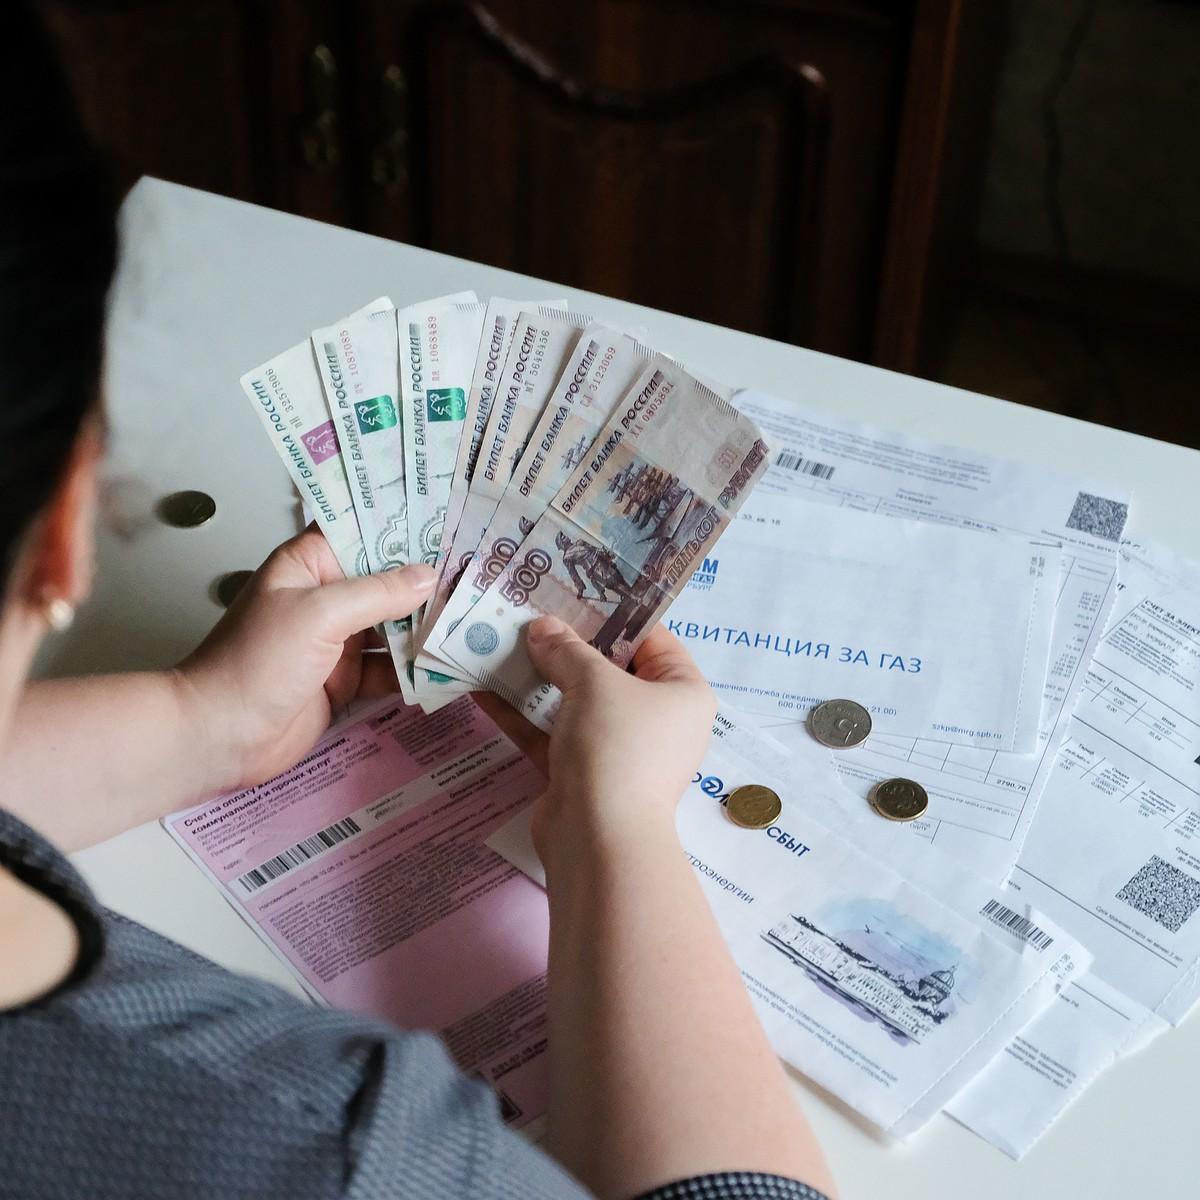 Получить пенсию на почте в апреле в спб сколько нужно отслужить по контракту чтобы получить квартиру и минимальную пенсию